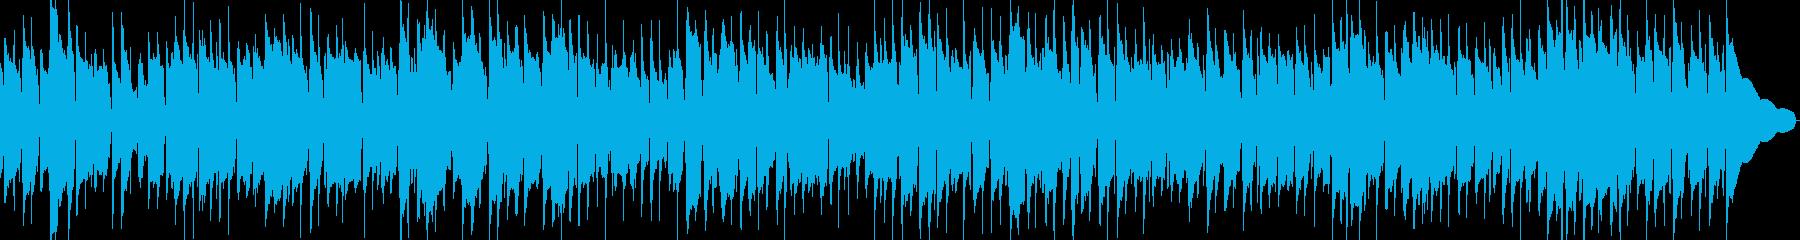 春の情景があうアコギのBGM の再生済みの波形